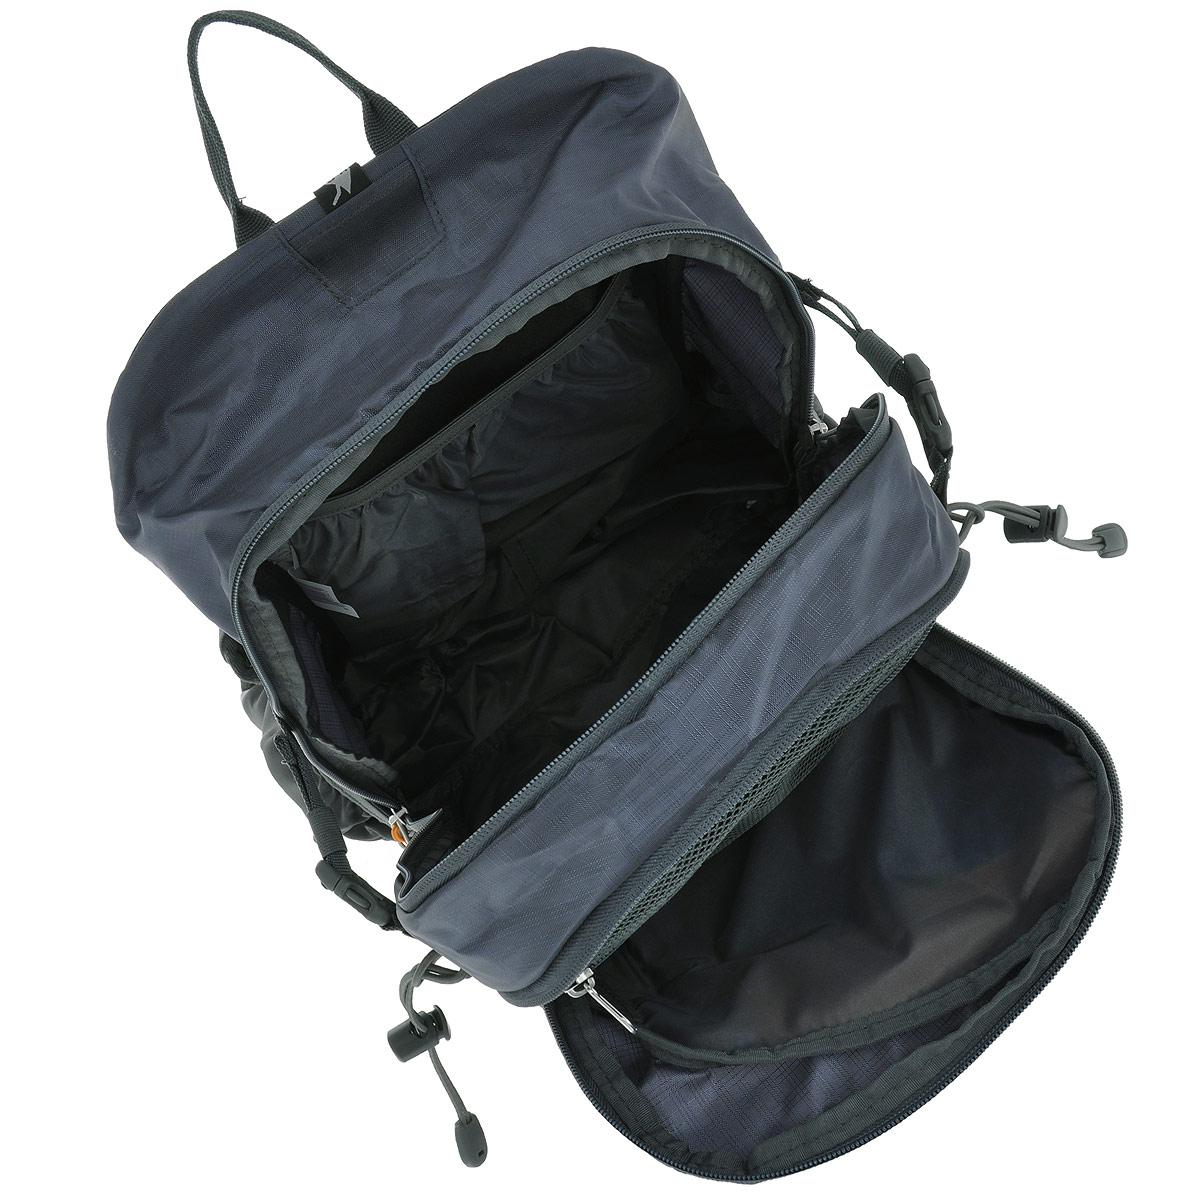 """Рюкзак туристический Husky """"Scampy"""", цвет: серый, оранжевый, объем 35 л"""